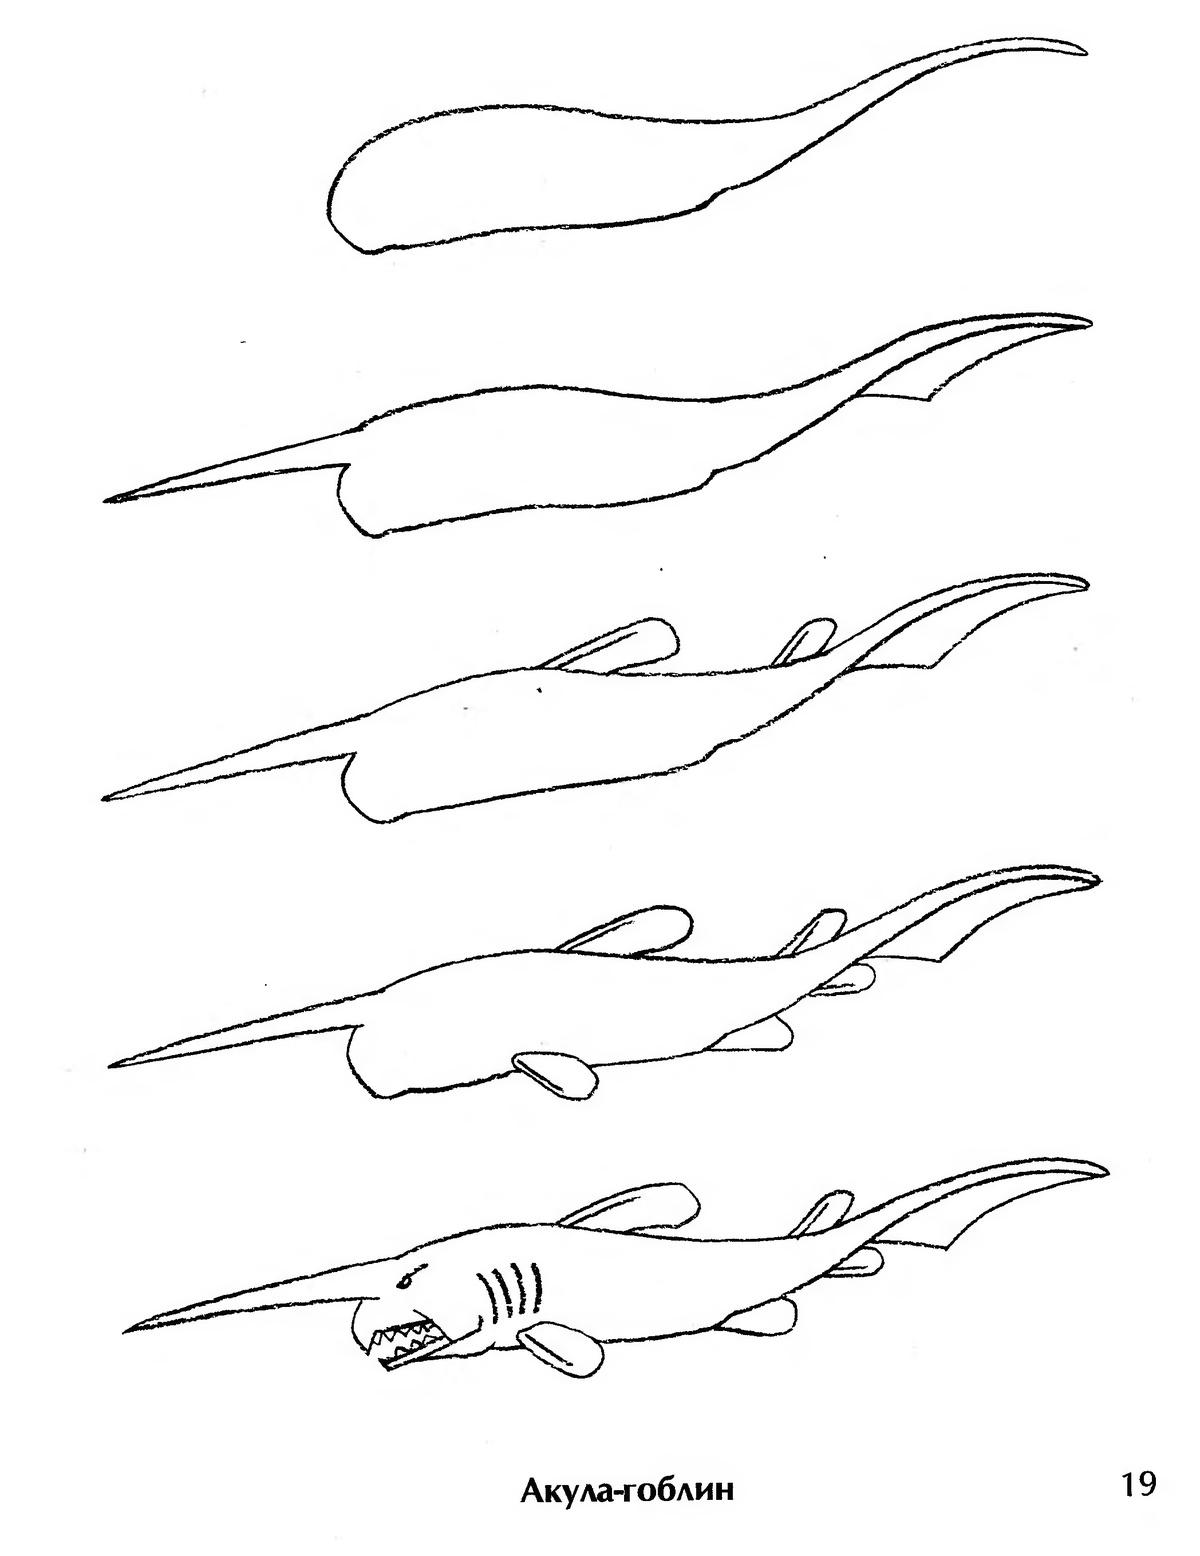 картинки как нарисовать акулу карандашом поэтапно каждом случае были